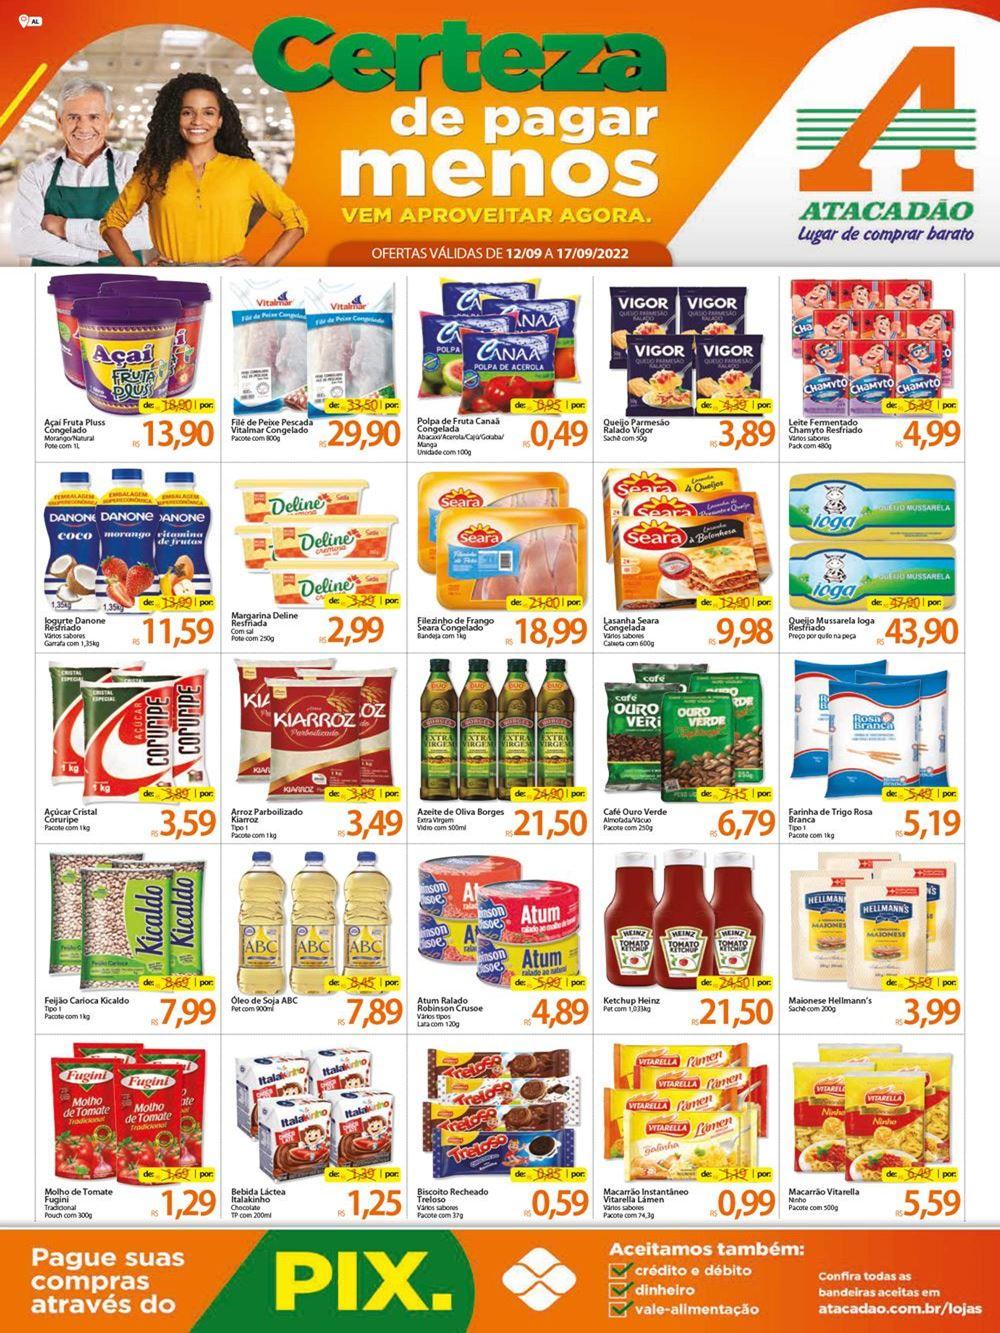 atacadao-ofertas-descontos-hoje19-12 Alagoas